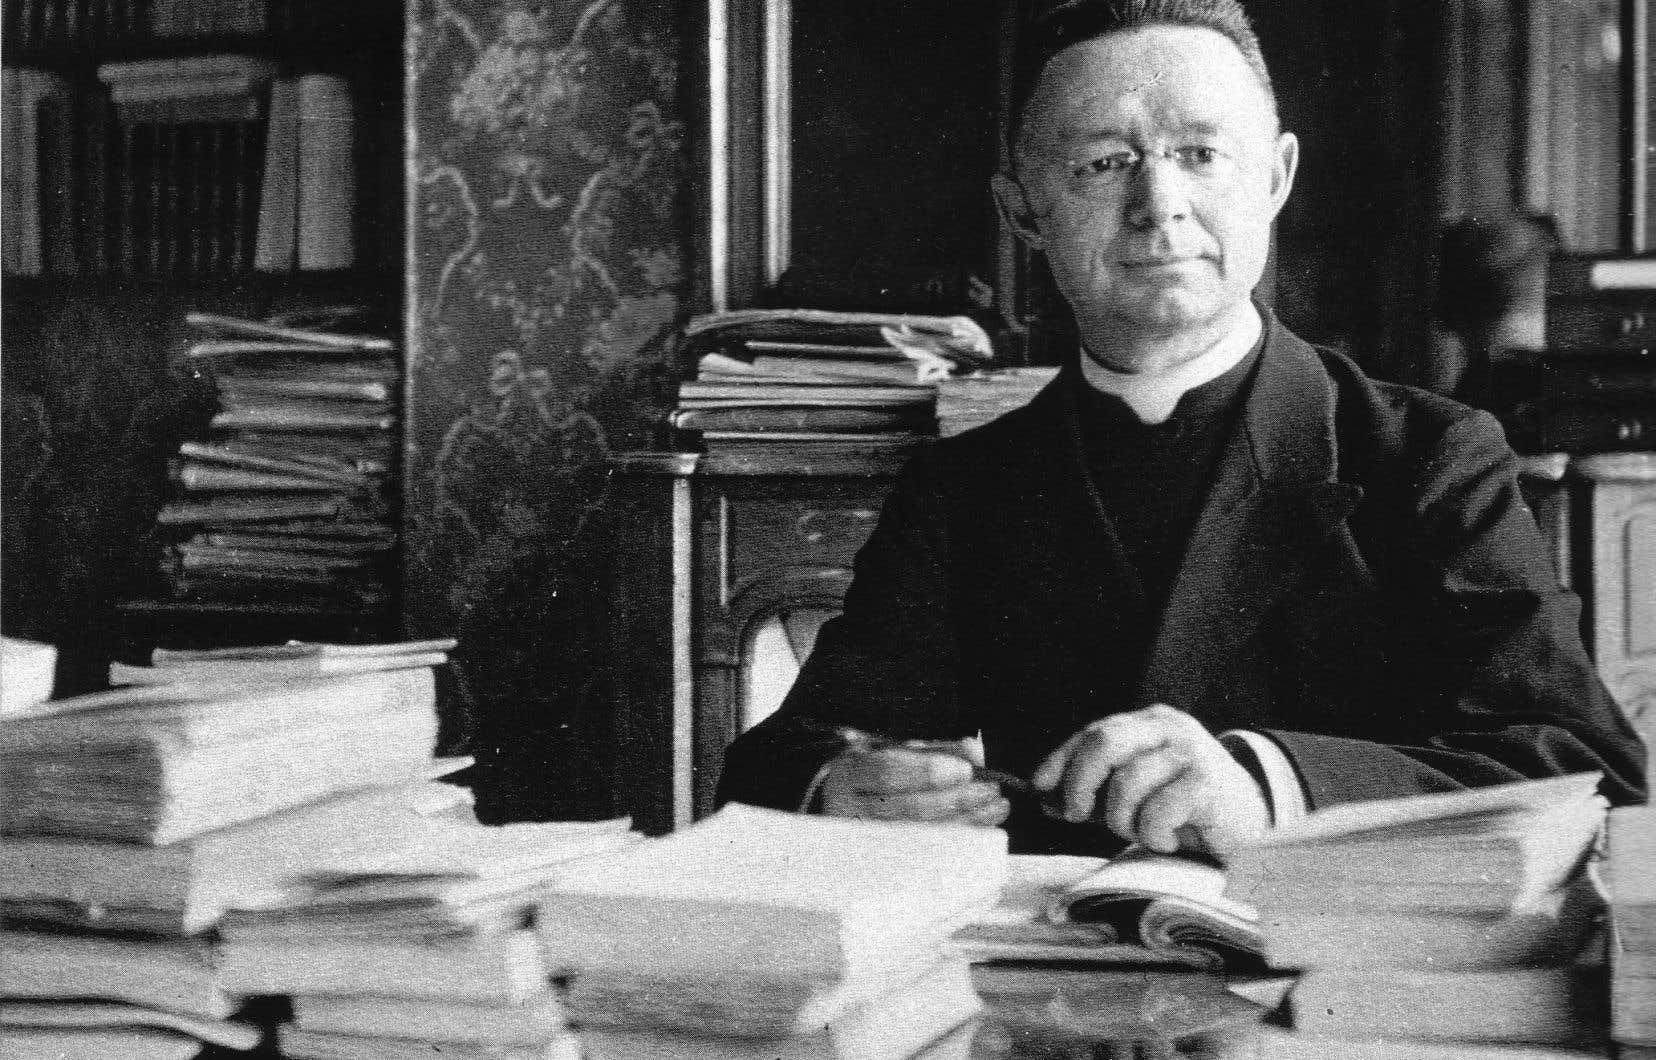 Le chanoine dans son bureau de Paris en 1922